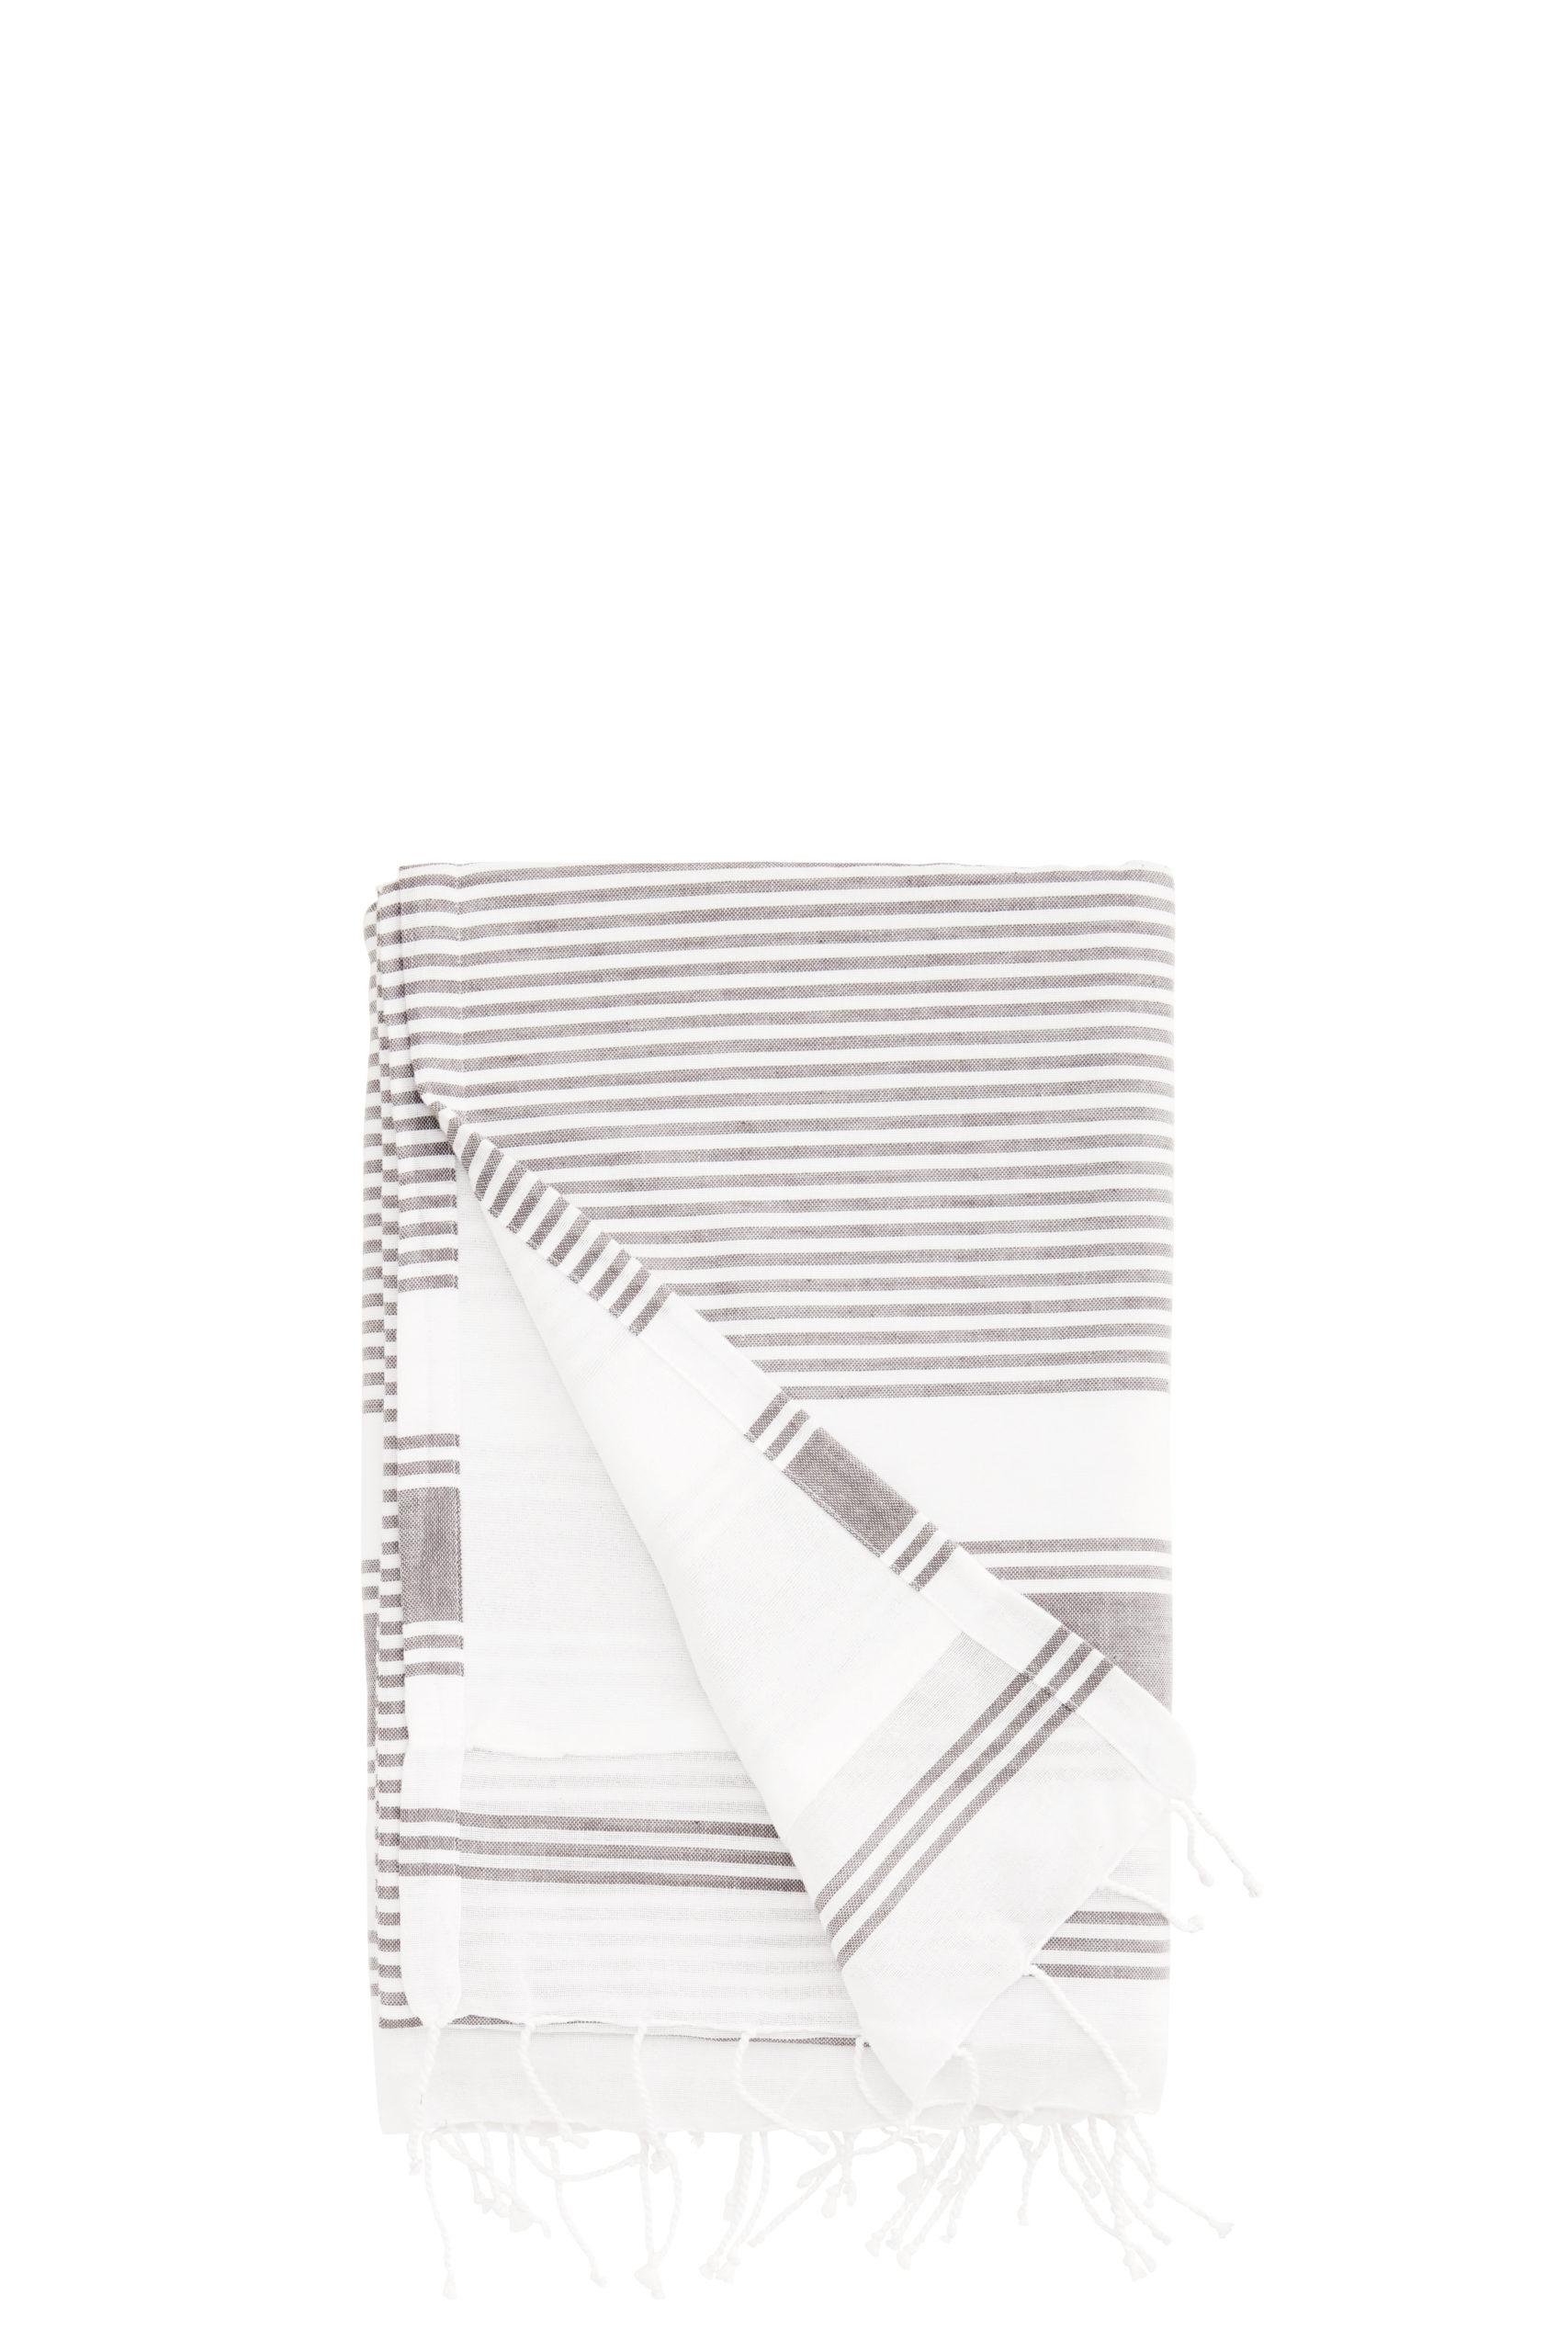 Fouta doublée / Serviette de plage lignée gris foncé/blanc * Madam Stoltz